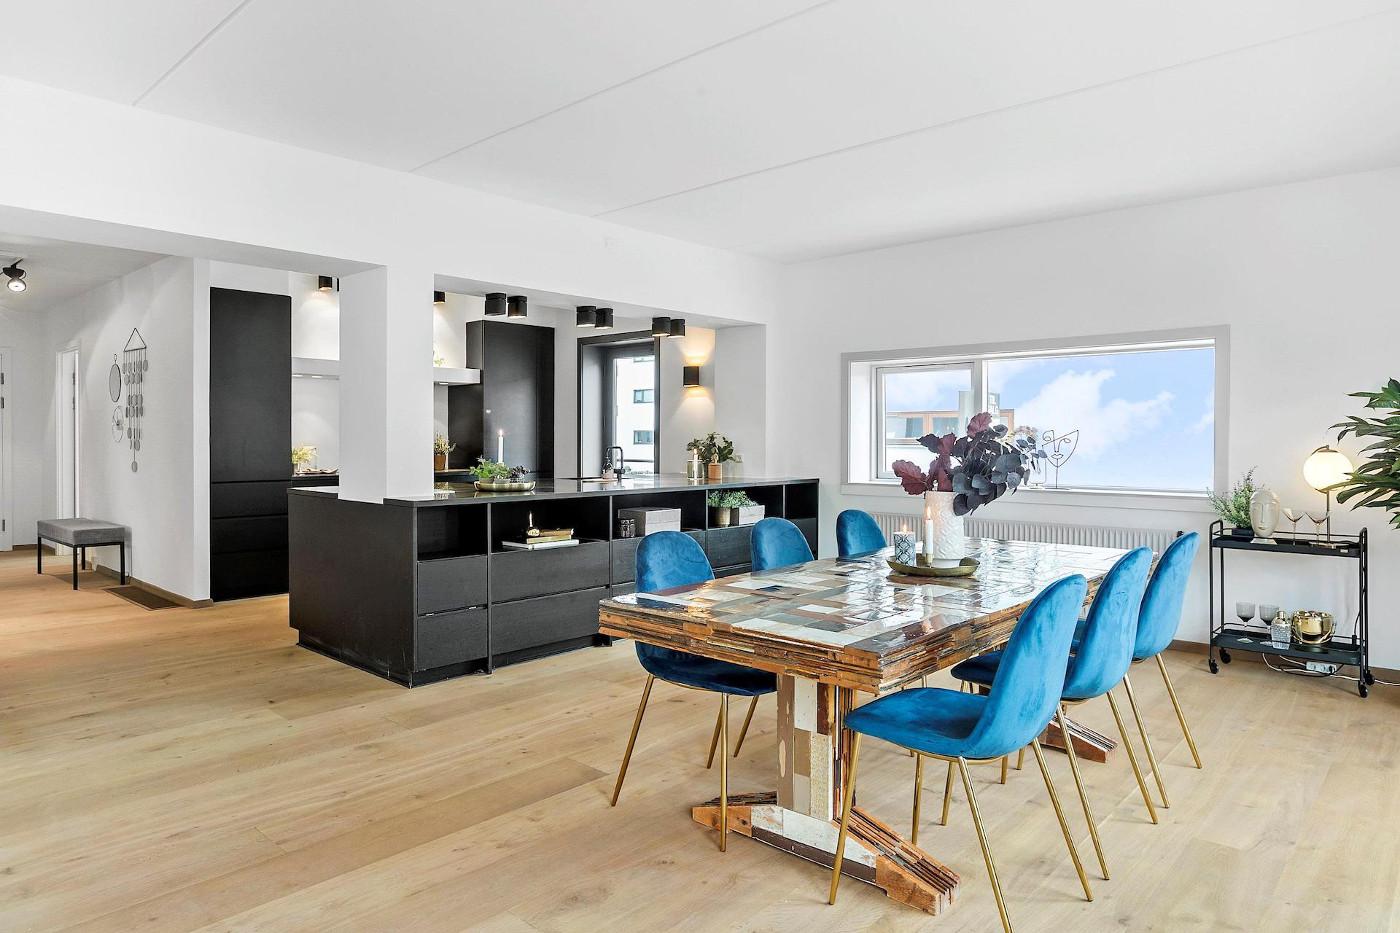 Christian Poulsen solgte sin lejlighed i København her i december 2020 for 12,8 millioner kroner. Foto: Siesbye Kapsch.